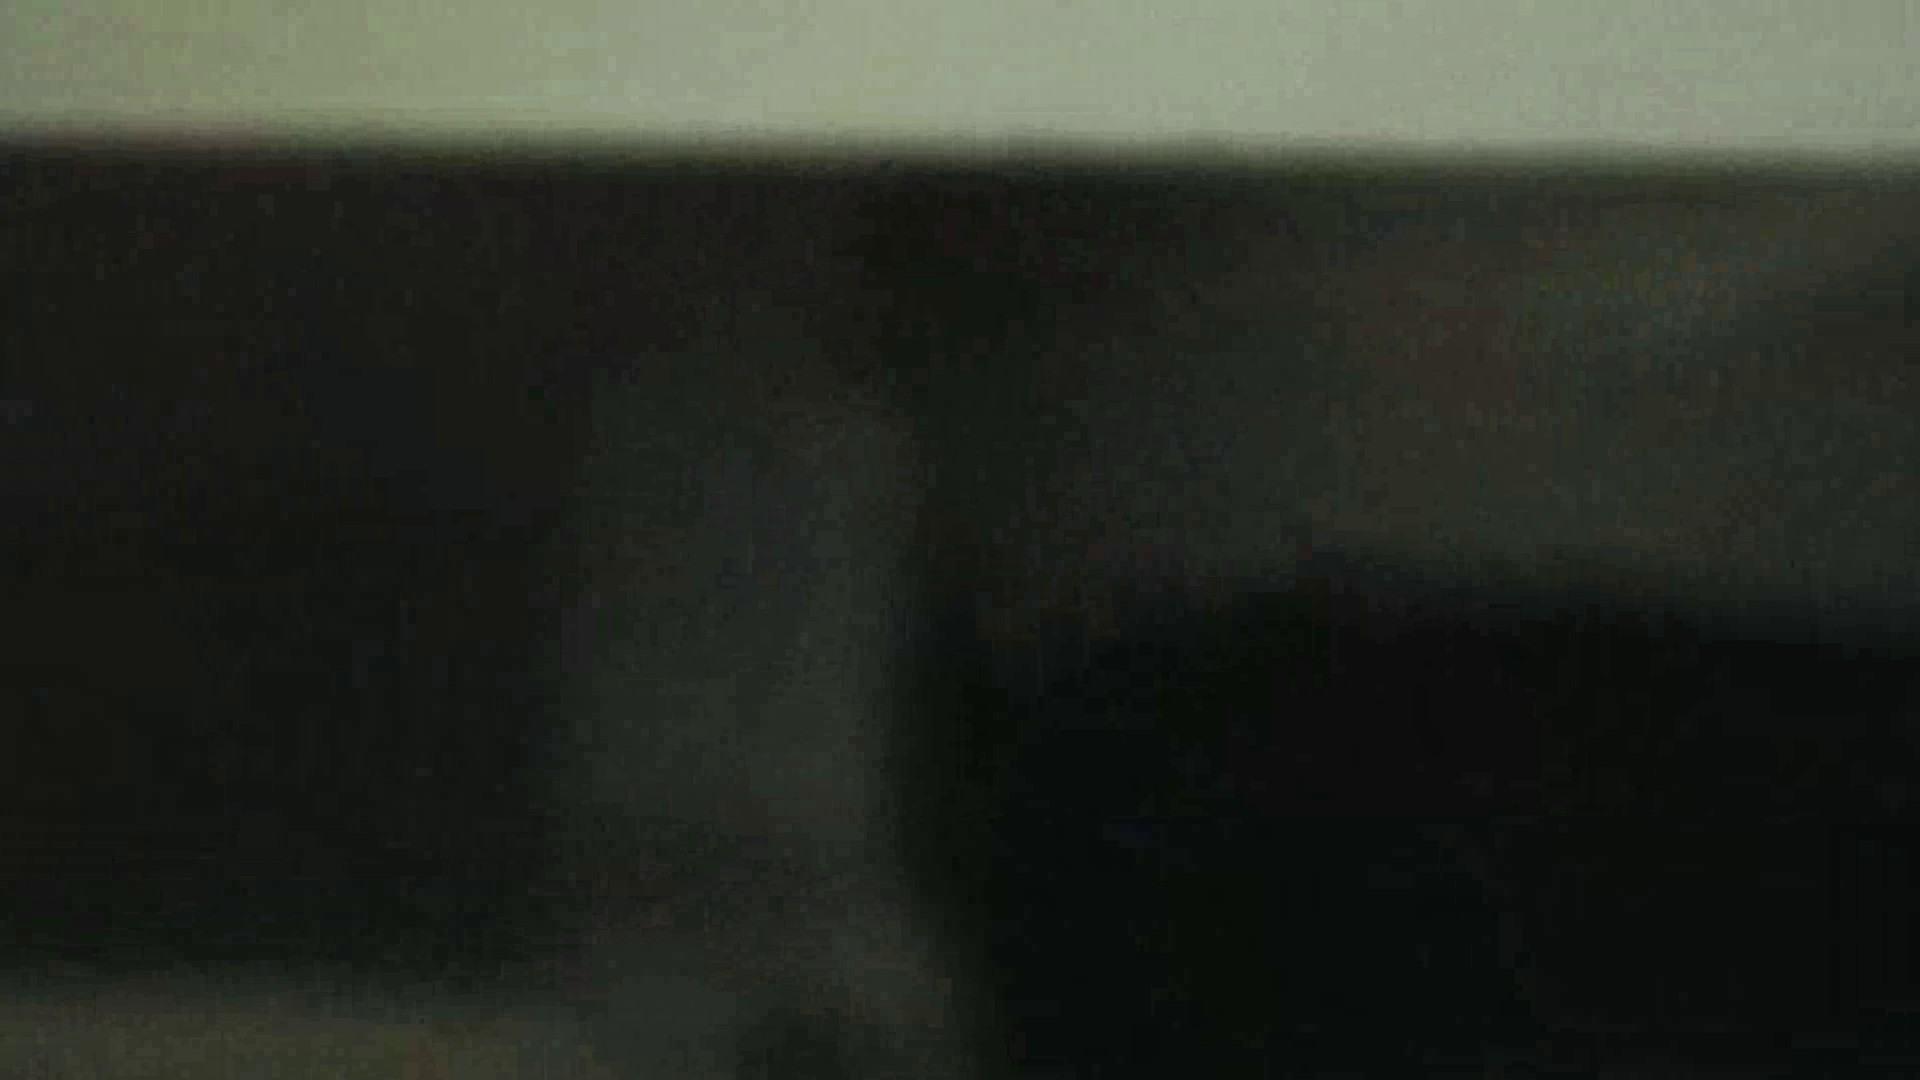 キレカワ女子大生の秘密の洗面所!Vol.009 0 | 0  23画像 8